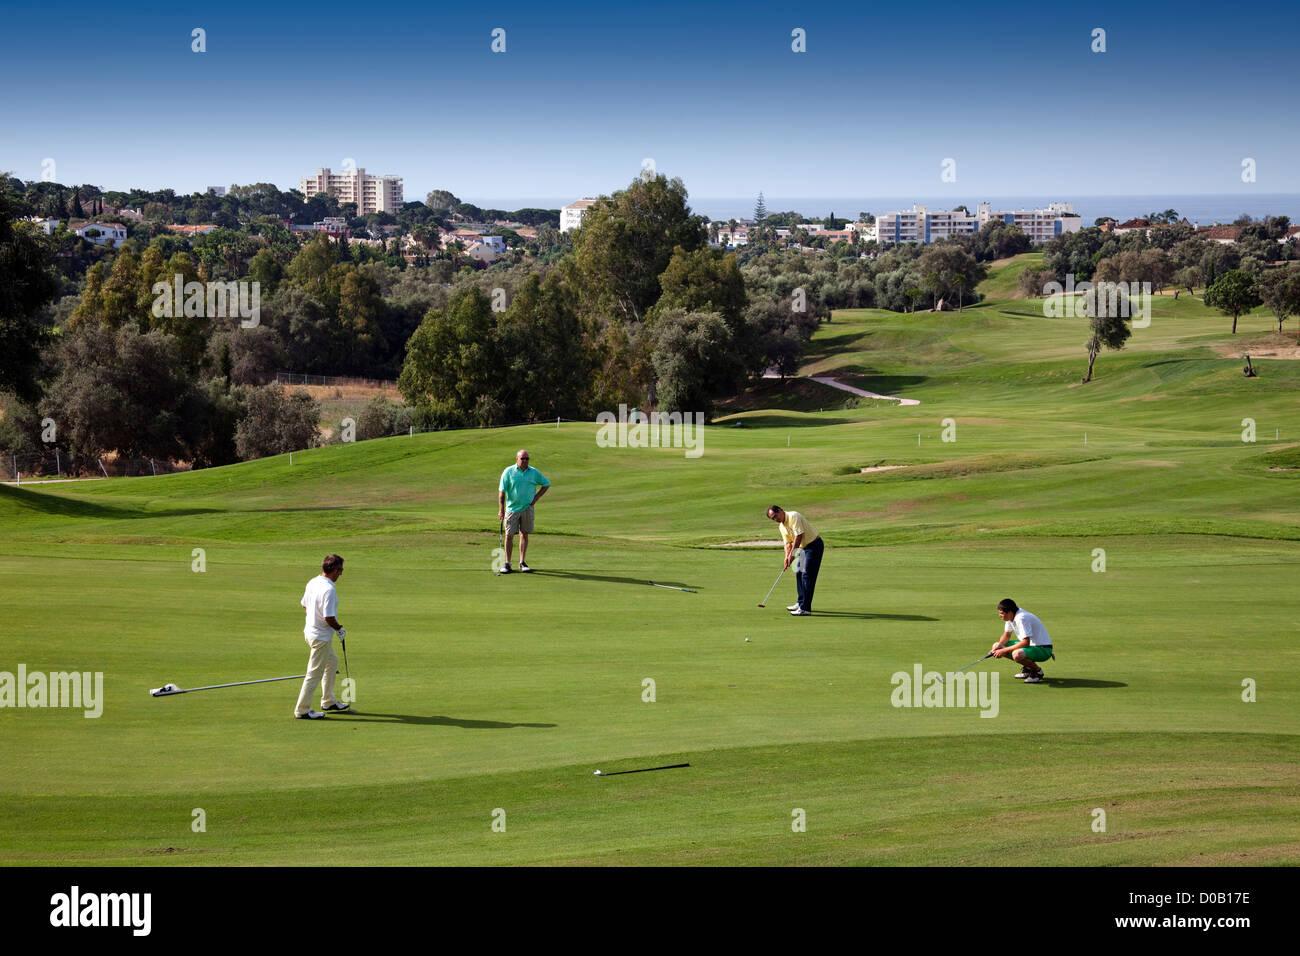 Marbella Club Golf Malaga Costa del Sol Andalusia Spain - Stock Image